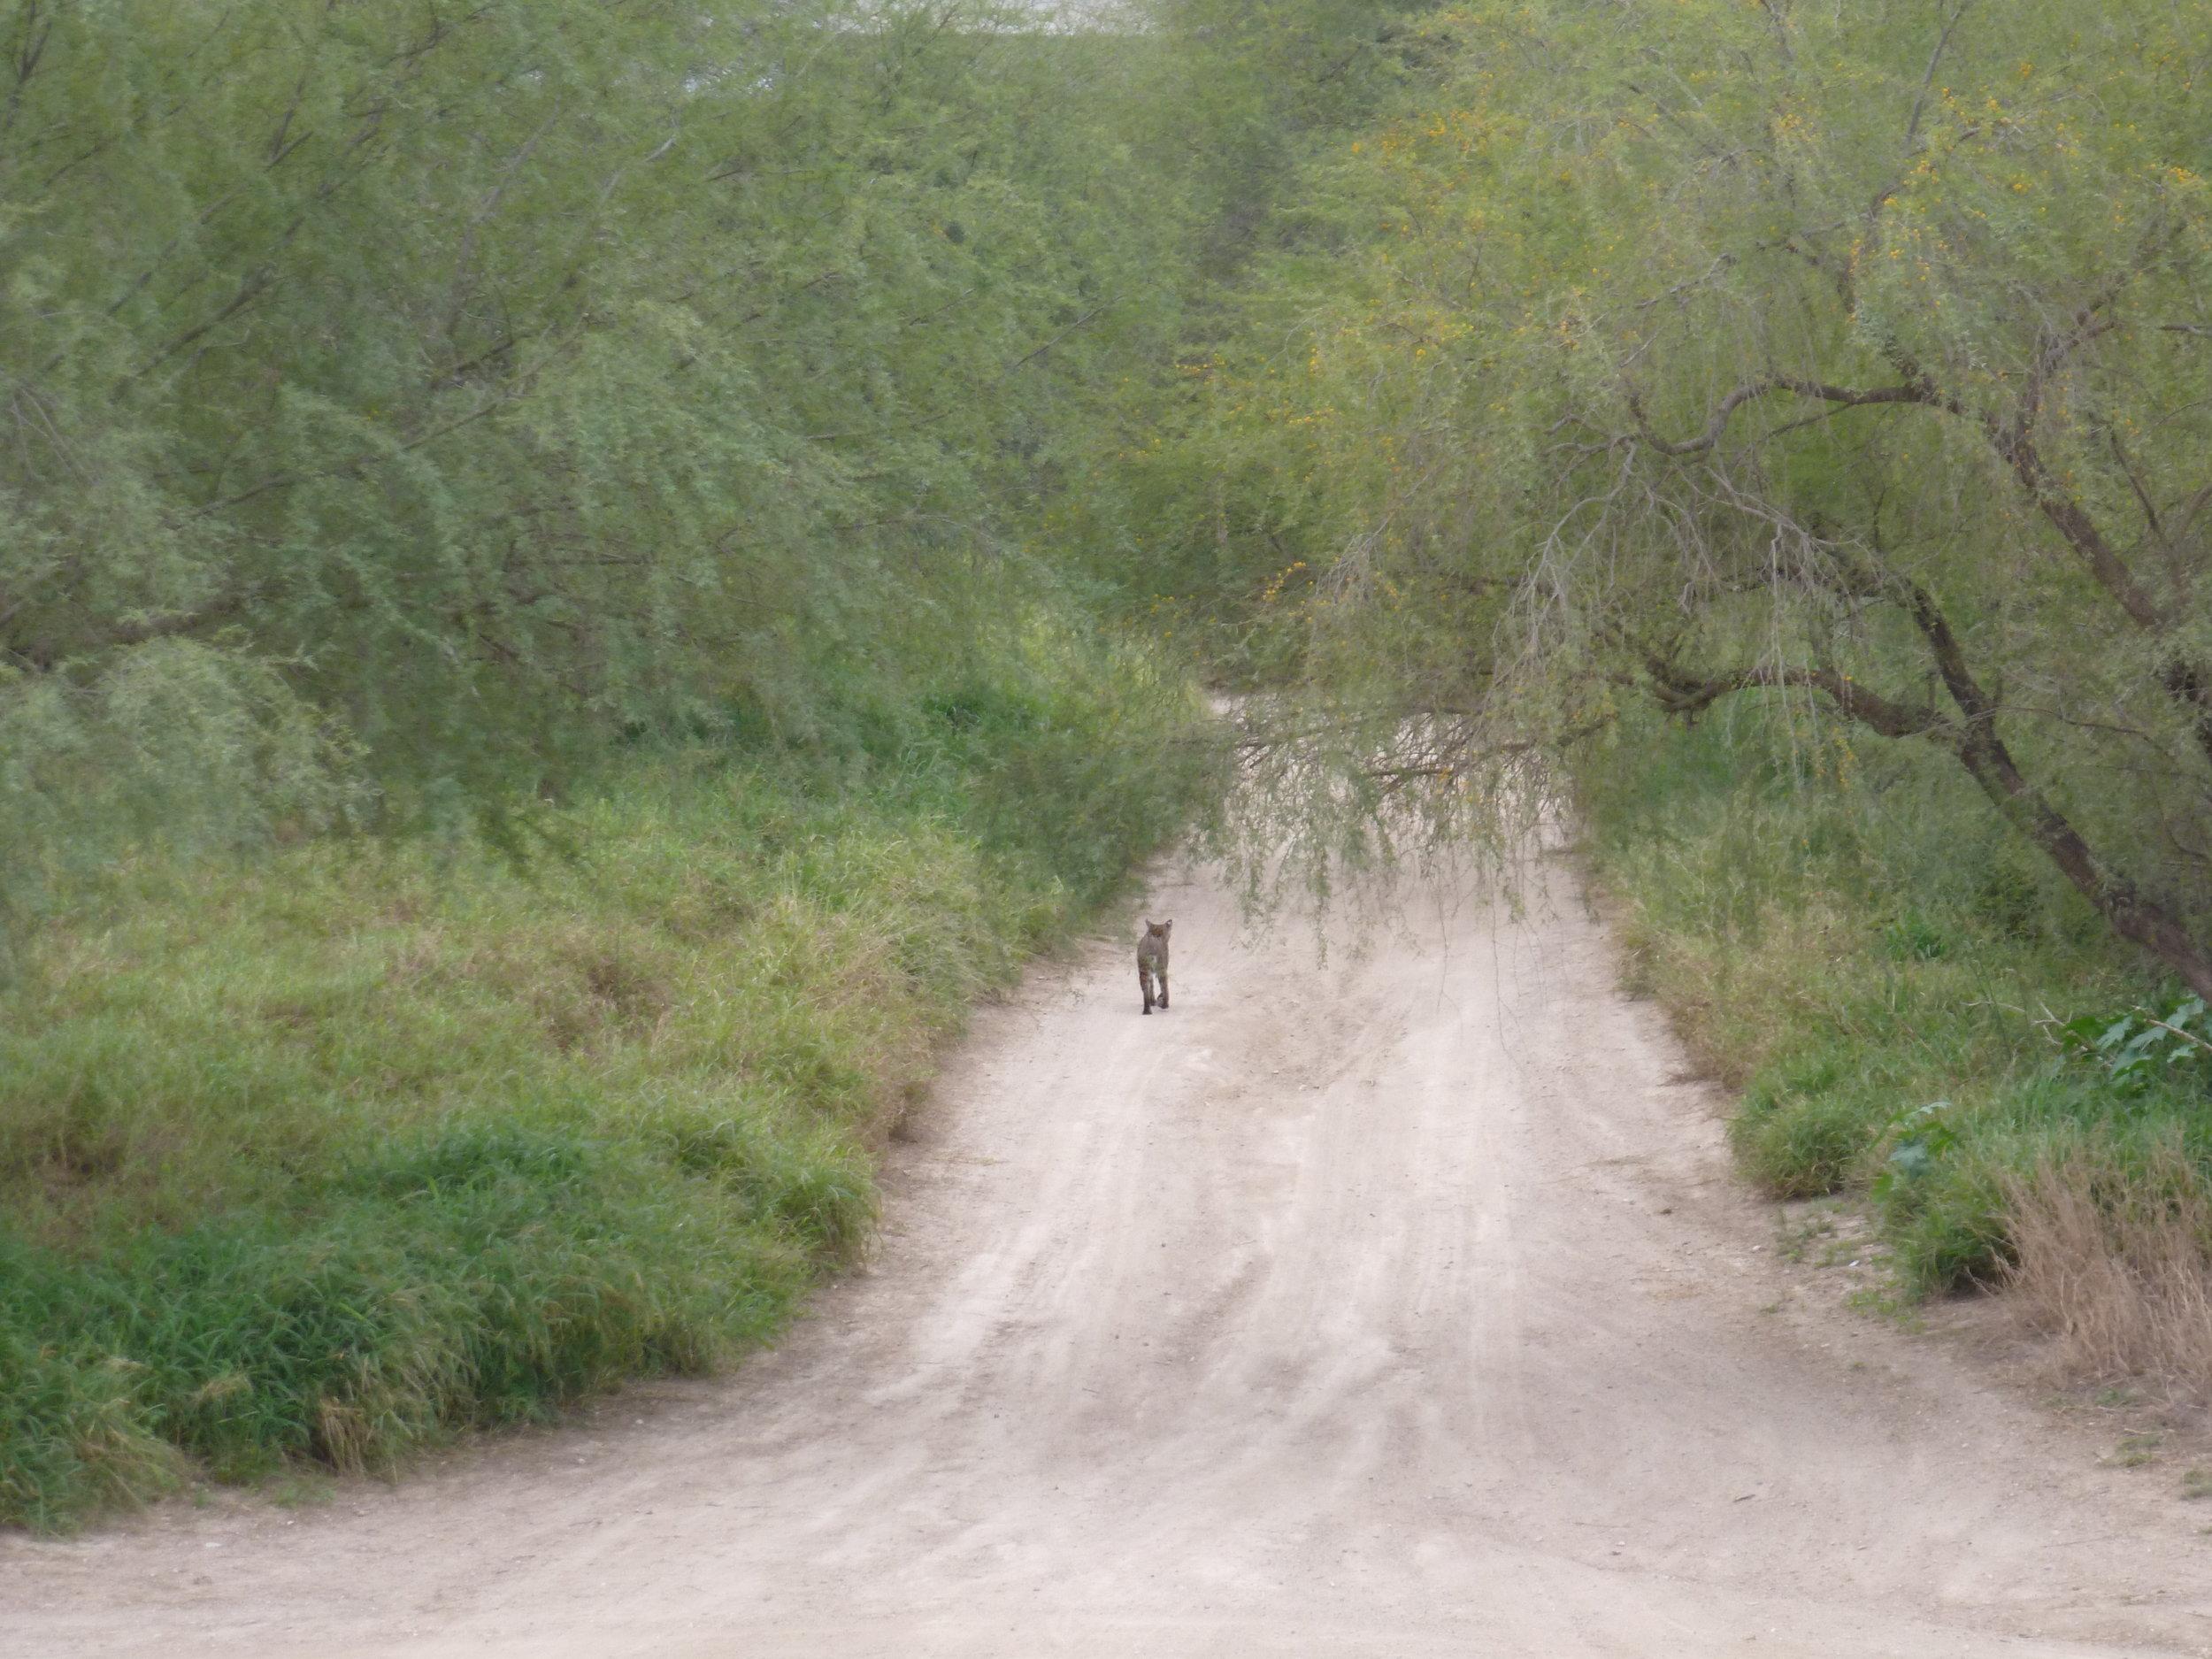 Bobcat near Hidalgo border fence Photo Radhika Subramaniam.jpg